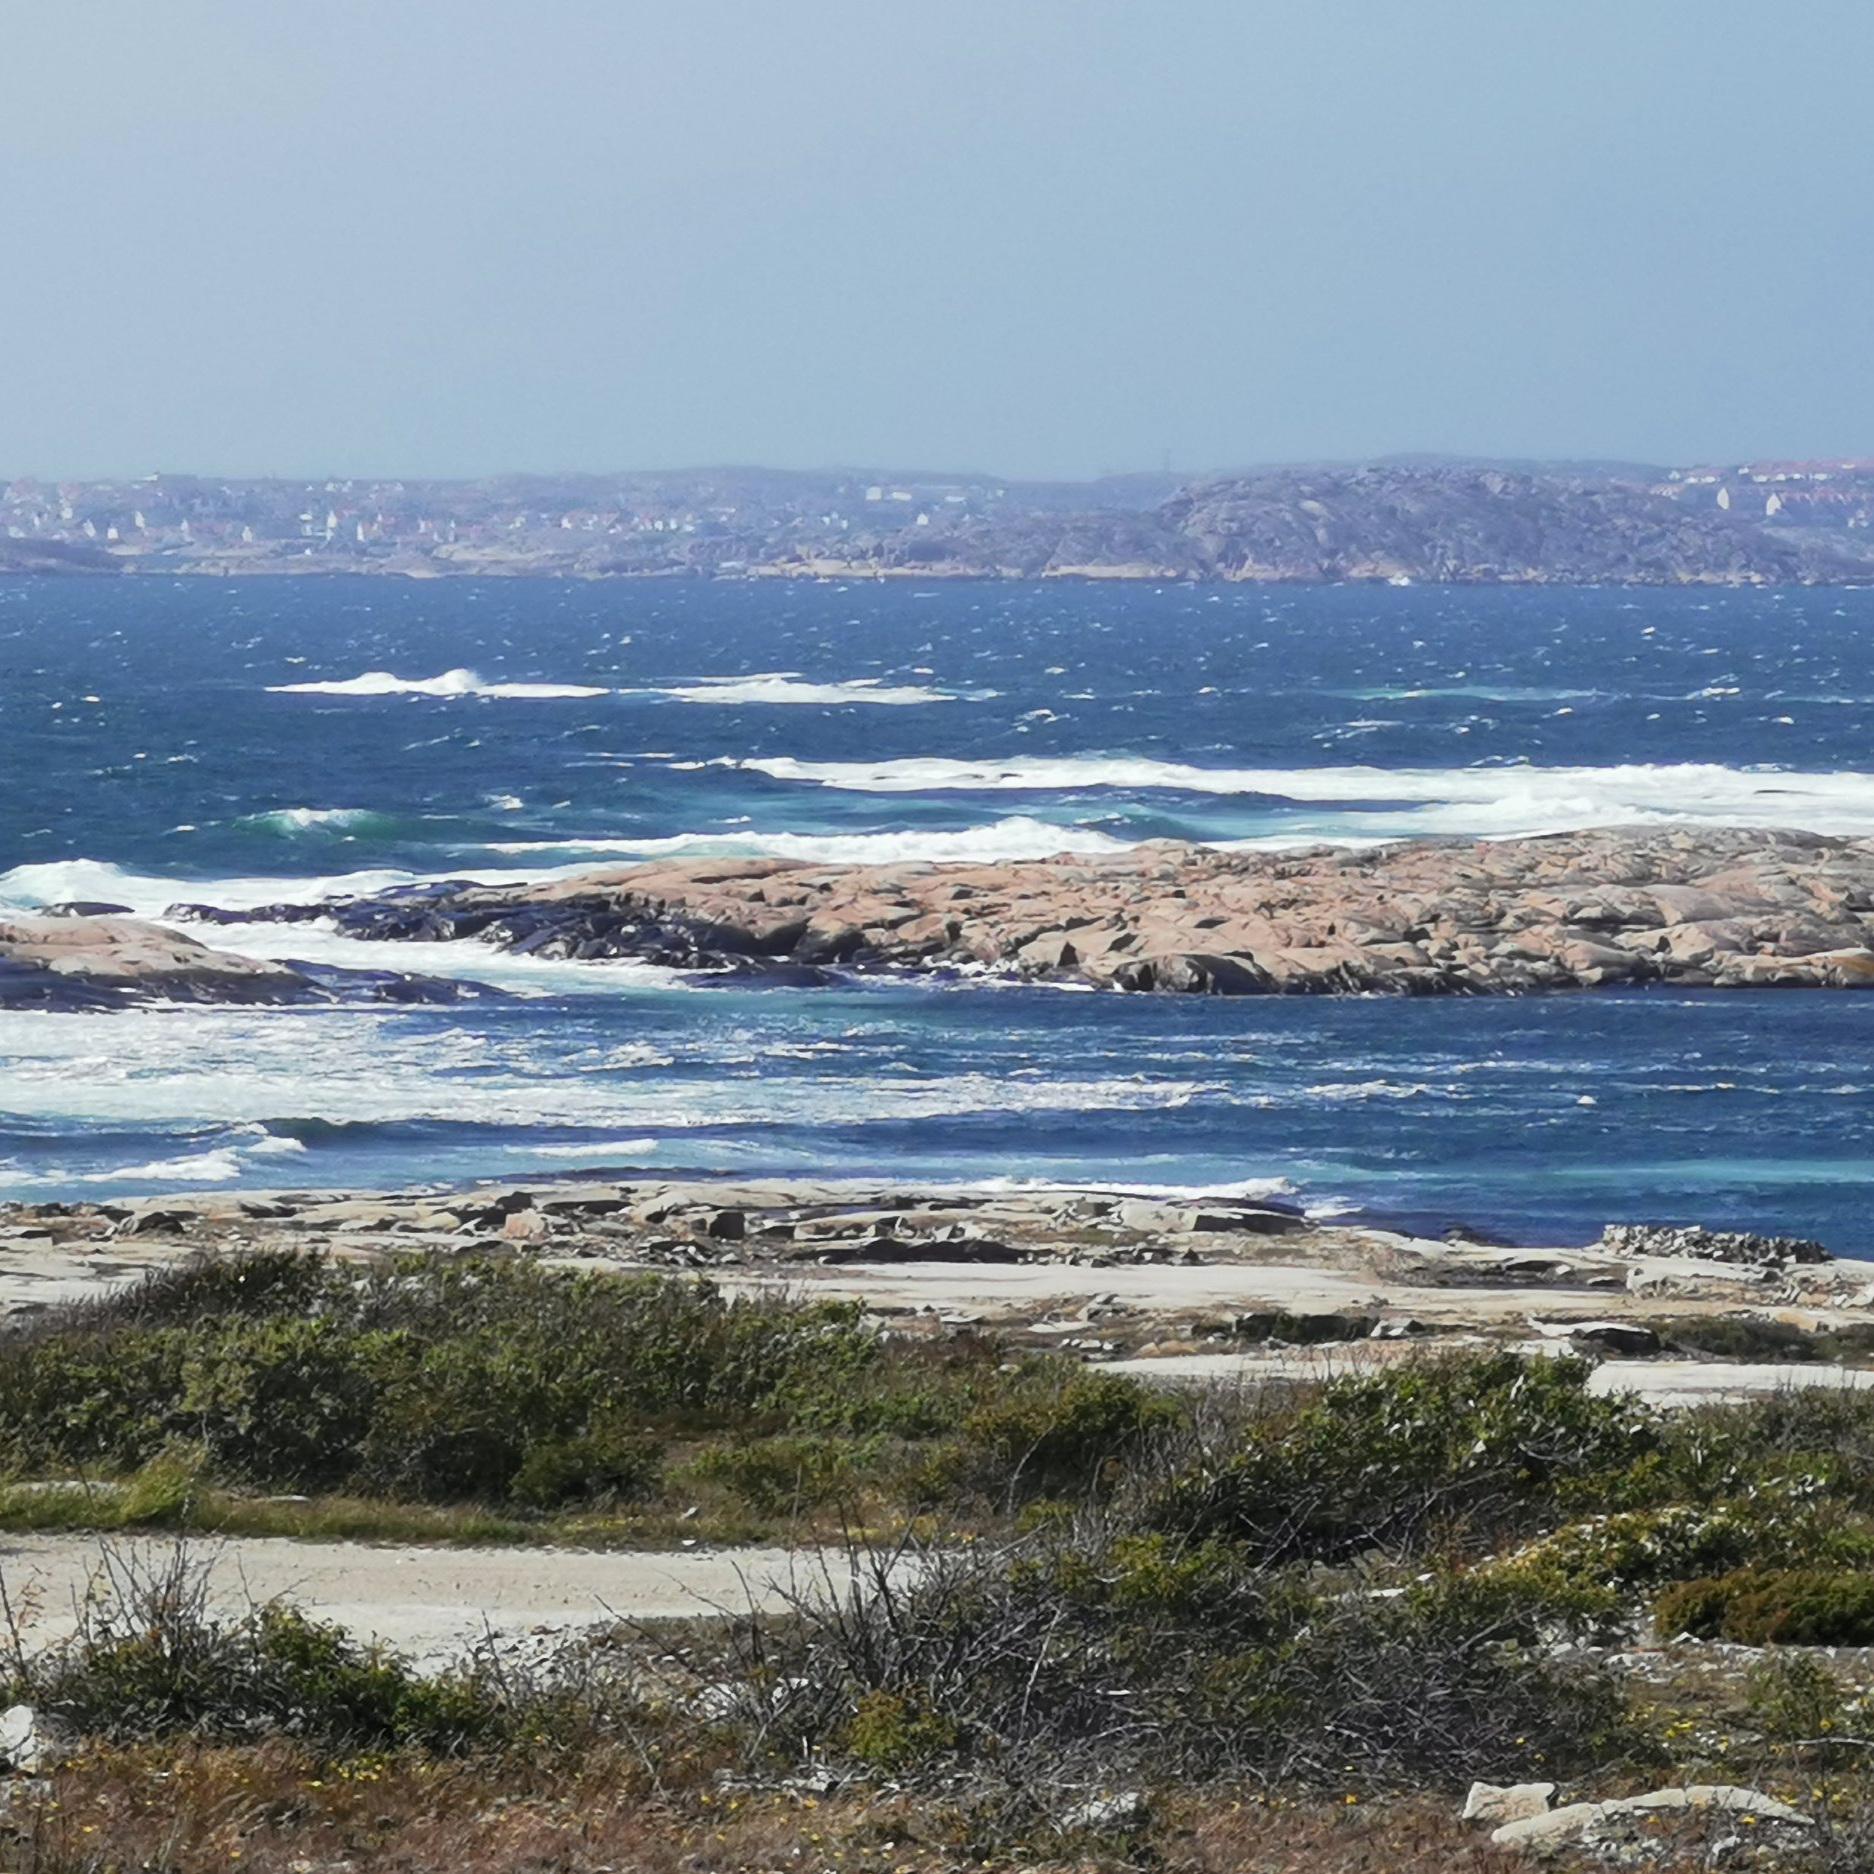 natur - BOHUS MALMÖNBohus Malmön är en vacker ö när man ändå ska ut till Kungshamn/Smögen att besöka med höga vågor och havet runt om. Små samhällen på ön med mycket att se. Denna ö går det en bilfärja till och den är värd att besökas för den som vill uppleva något vackert.Tips inskickat av: www.instagram.com/lis1b/